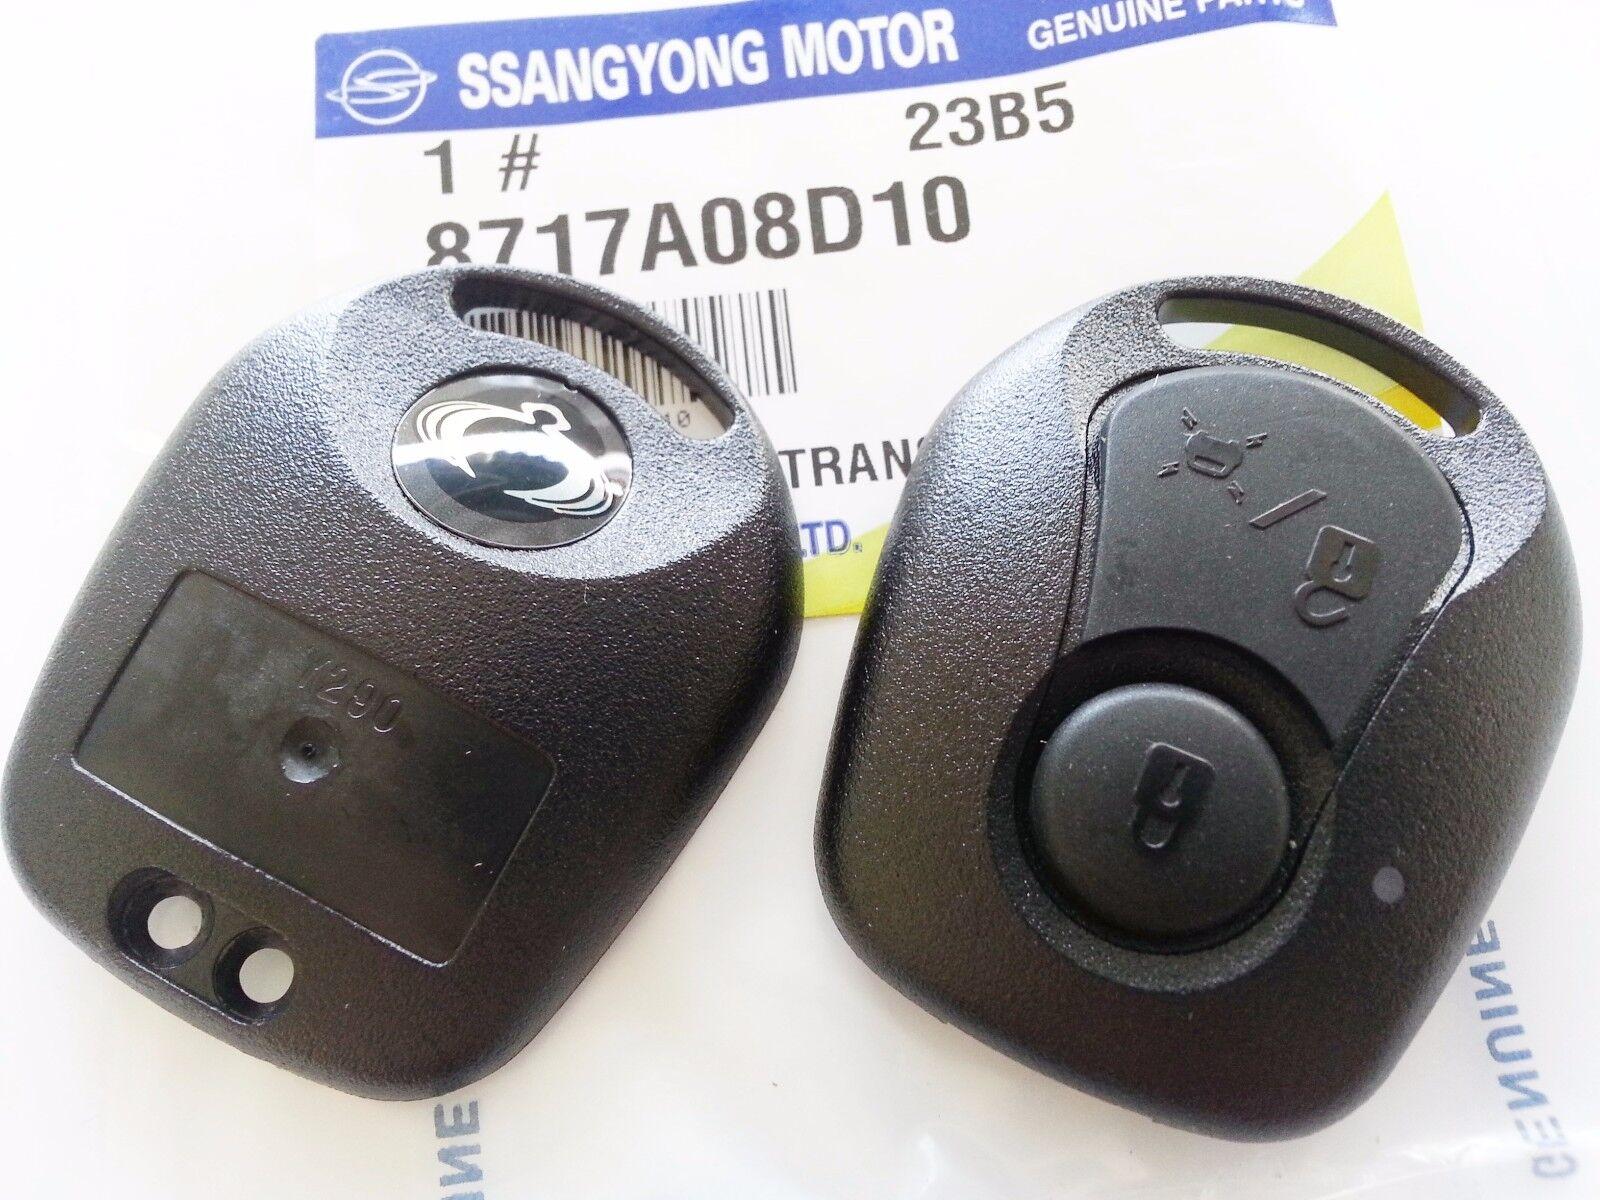 Sports Kyron Rxton 06-10 #8717A08D10 OEM Key Case Cover Knob Ssangyong Actyon